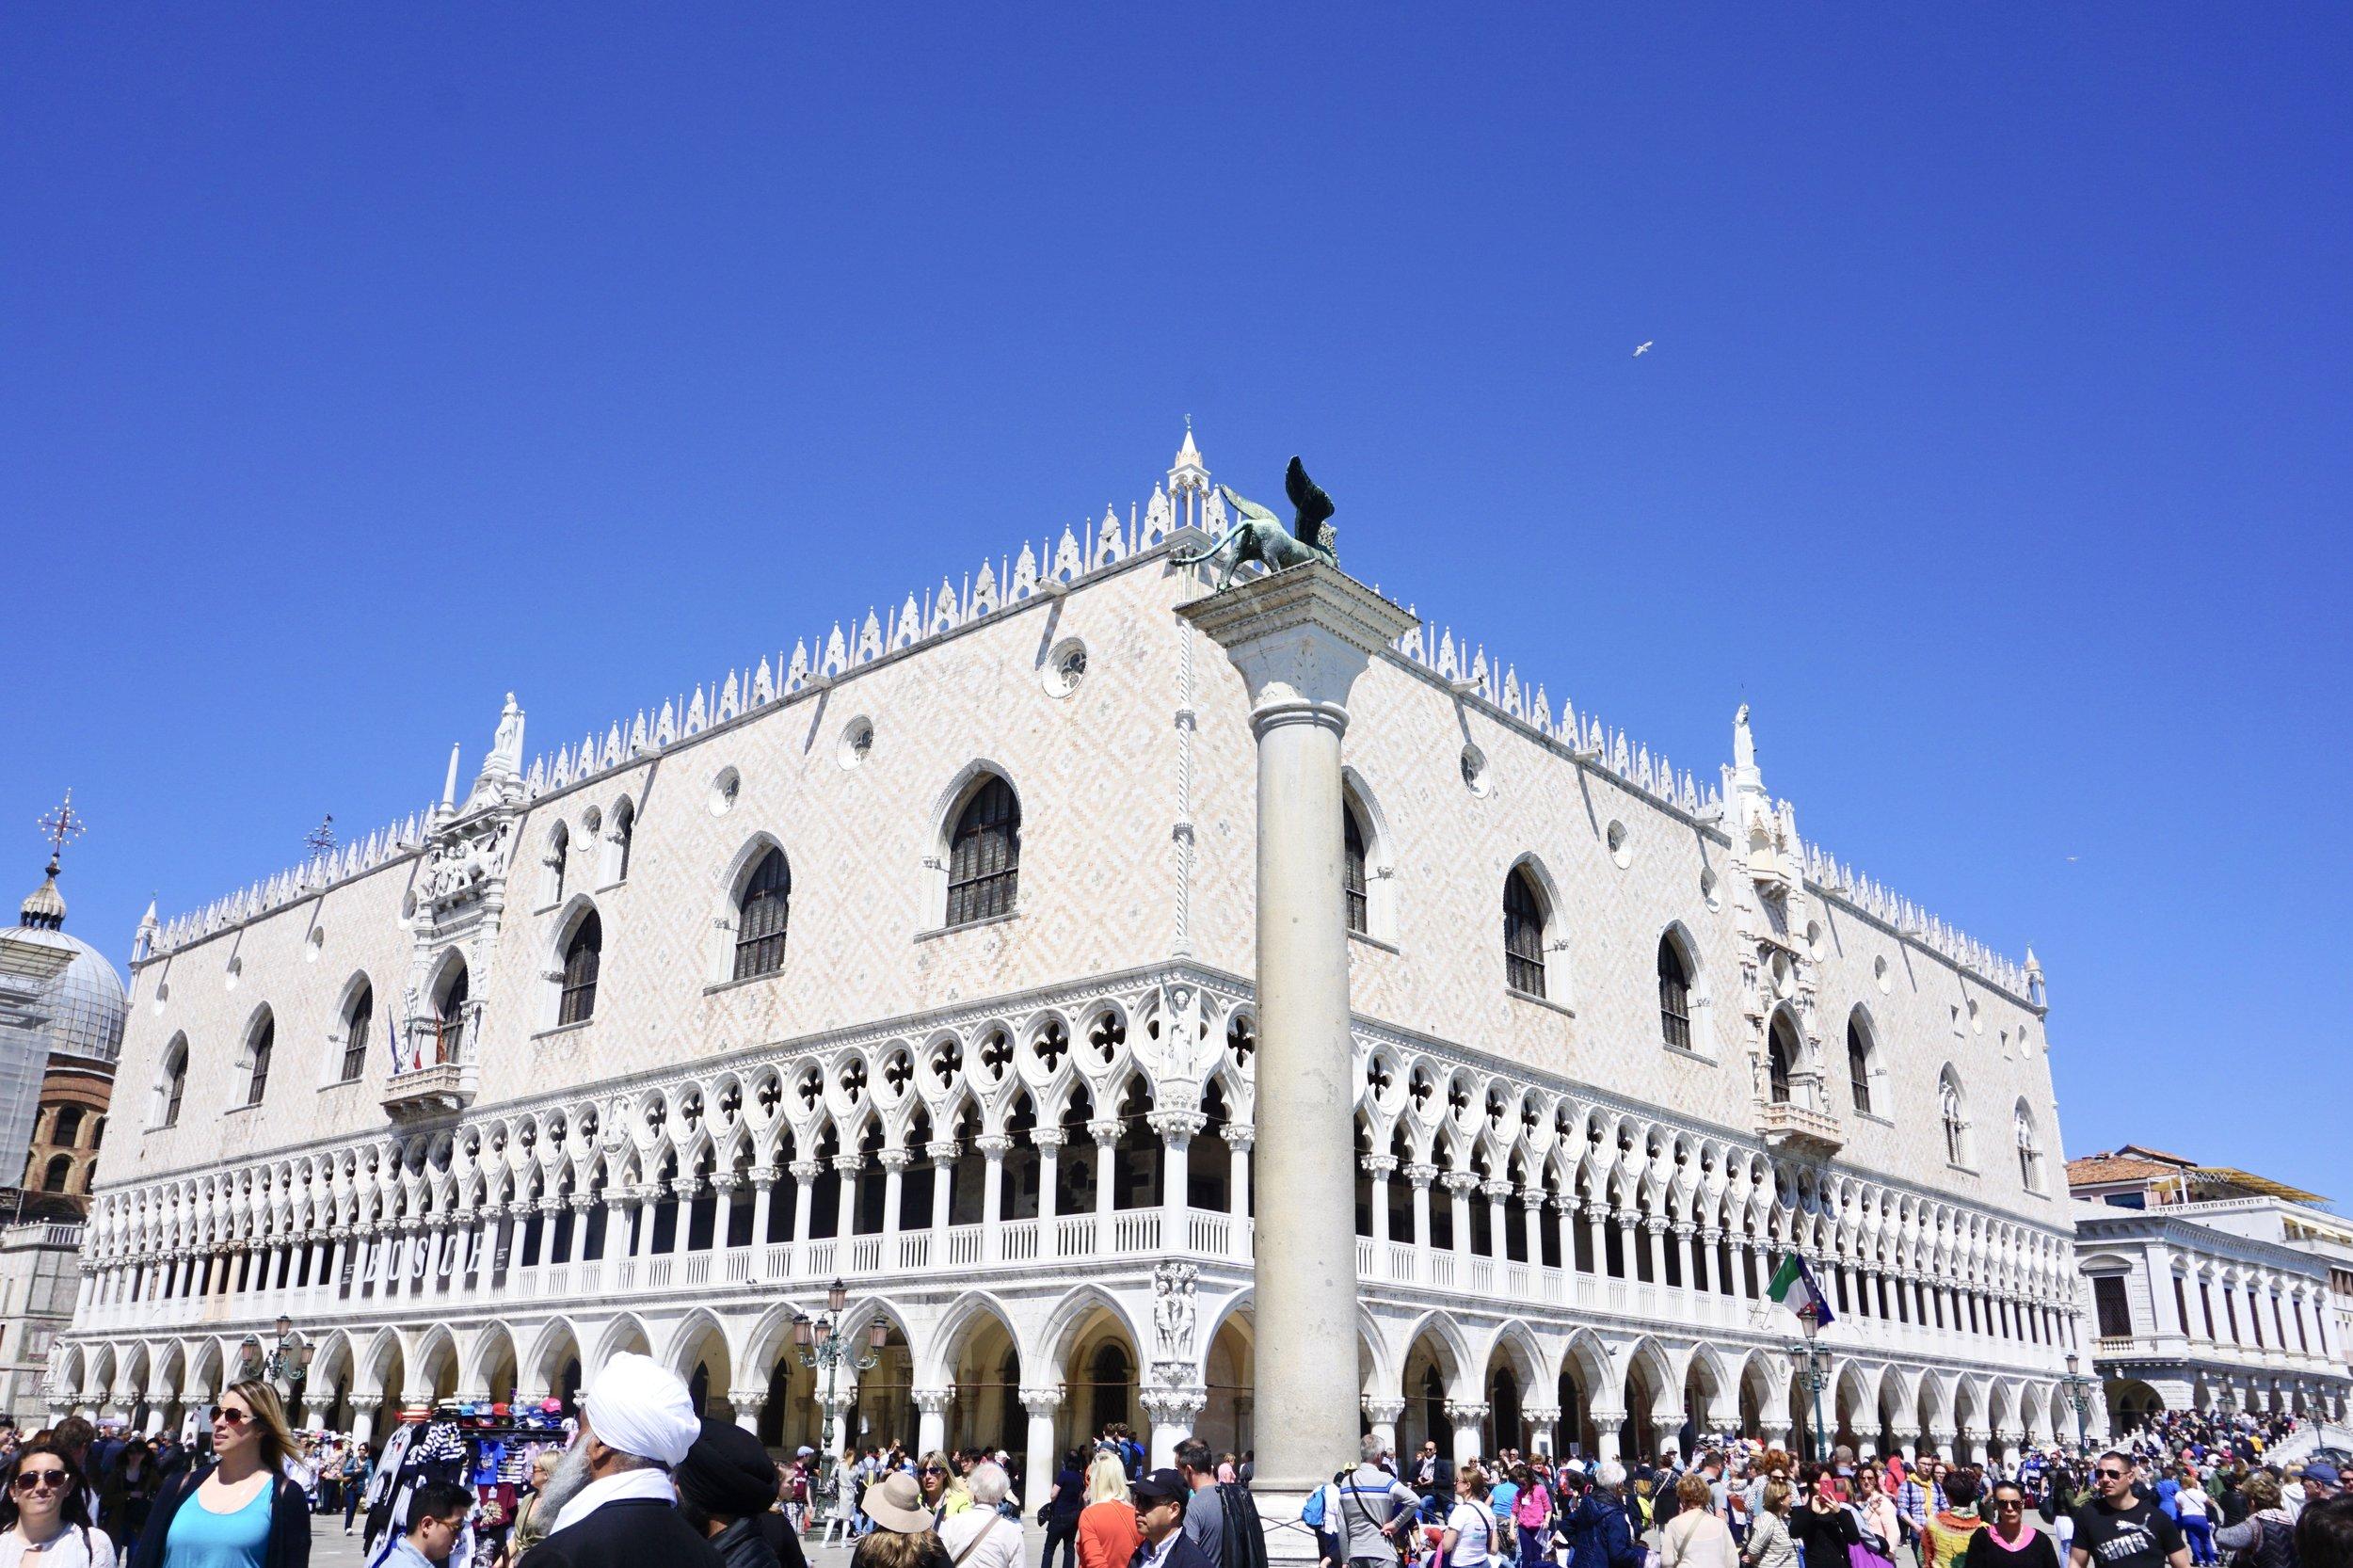 Venice-Doges-Palace